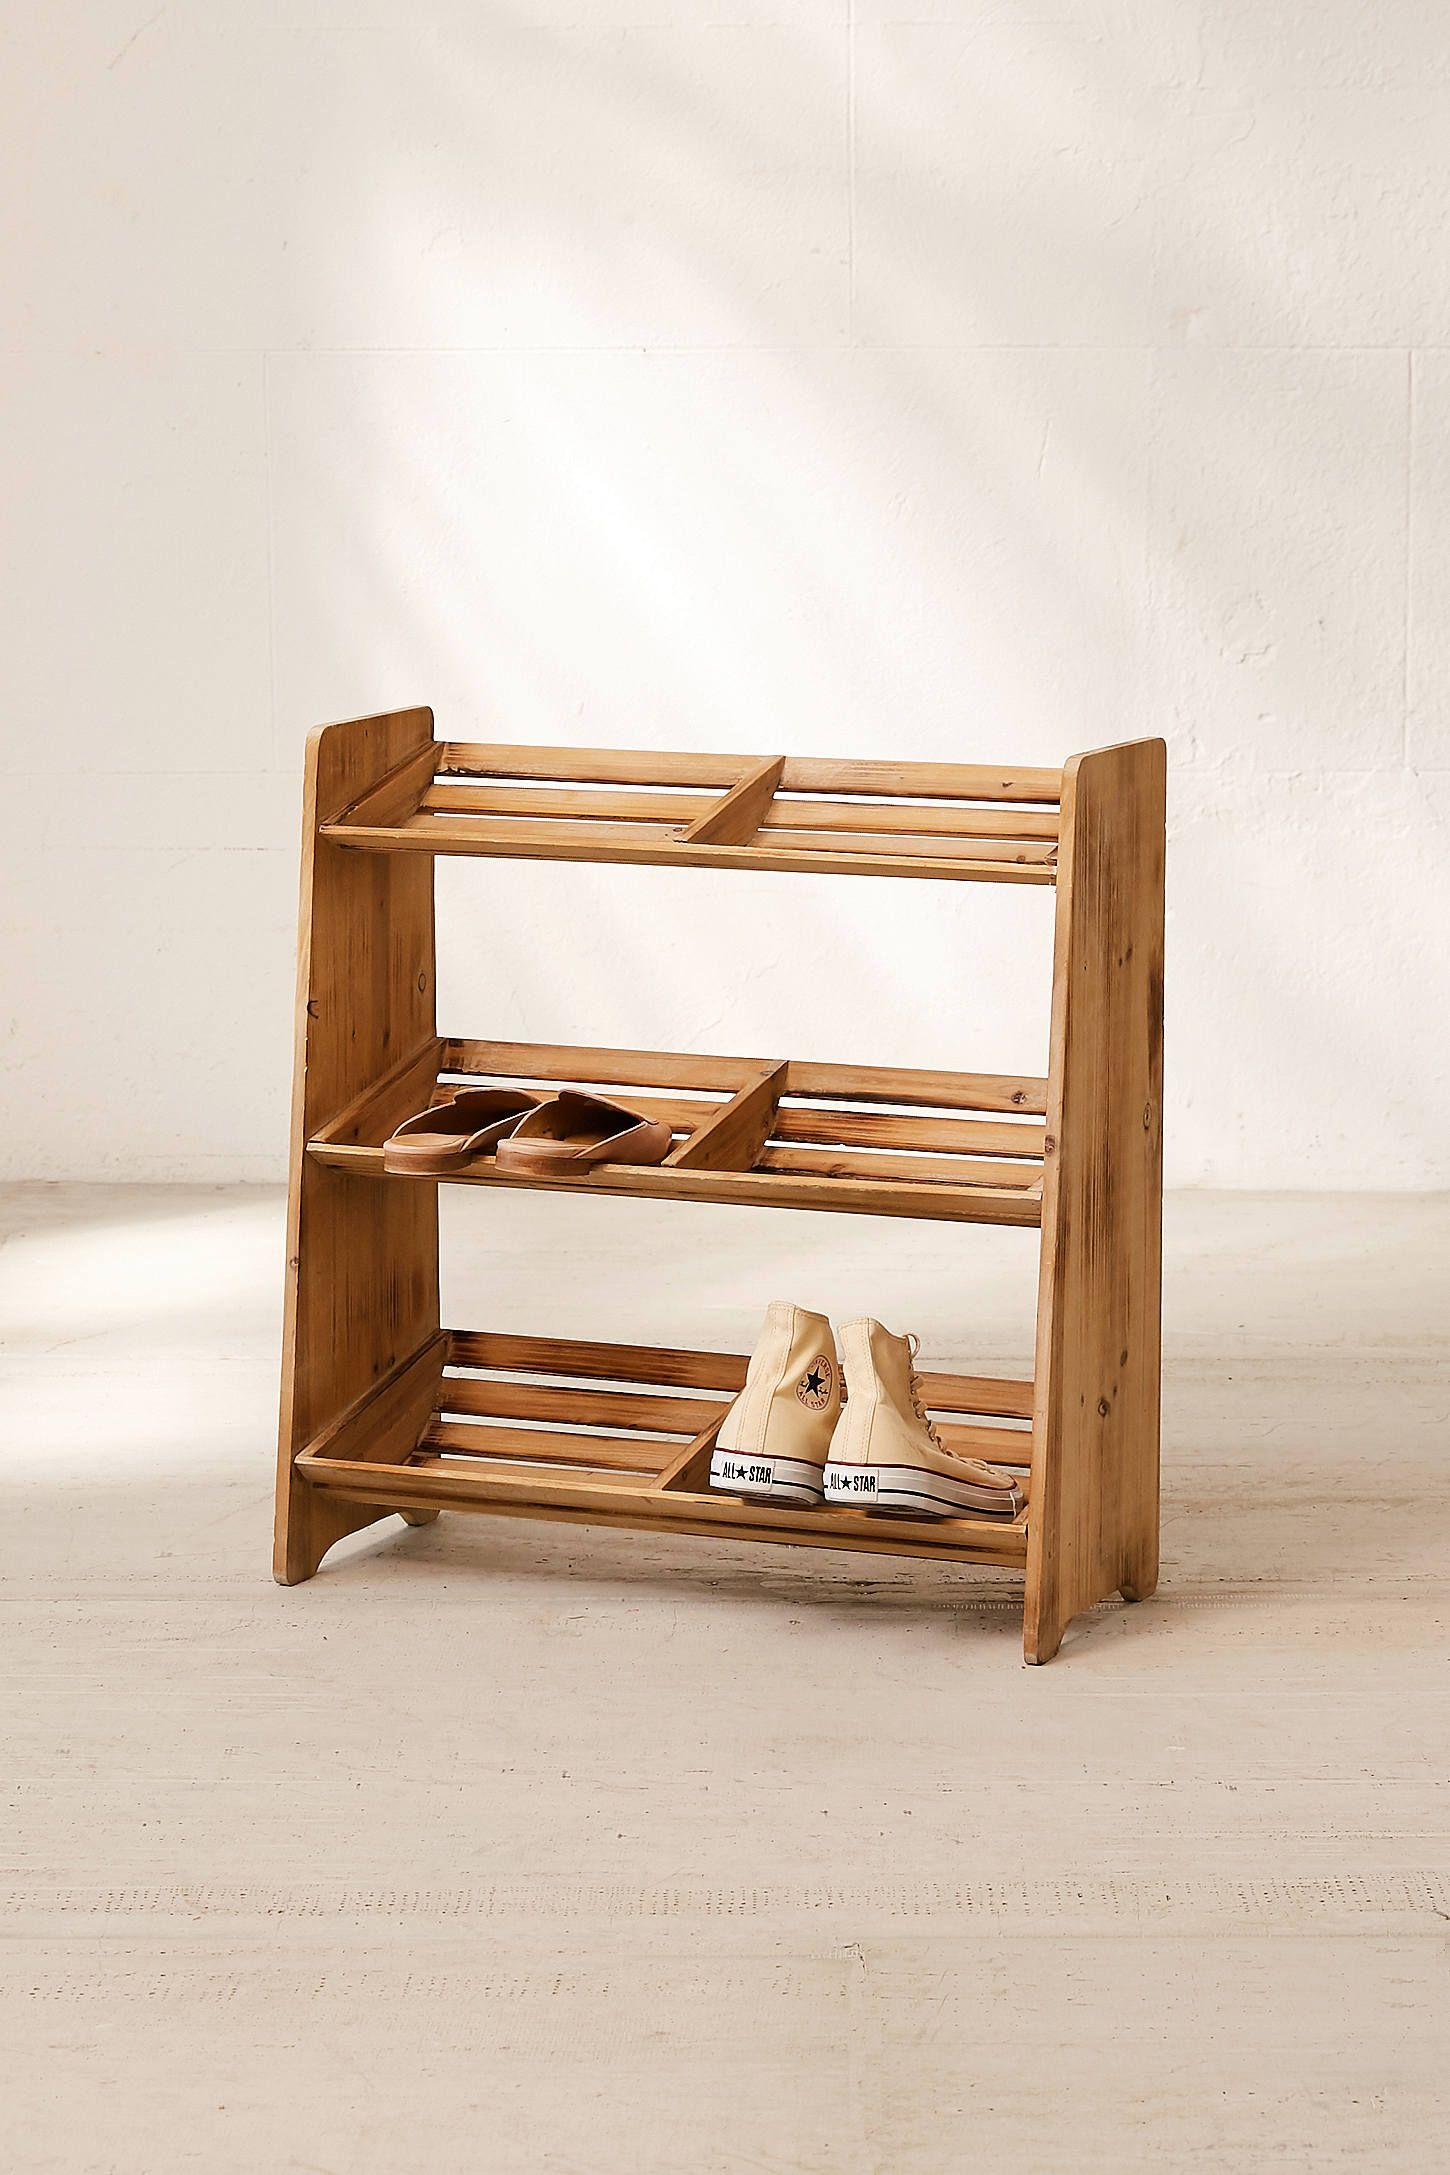 Sasha Wooden Shoe Storage Rack In 2020 Wooden Shoe Storage Wooden Shoe Racks Shoe Storage Rack